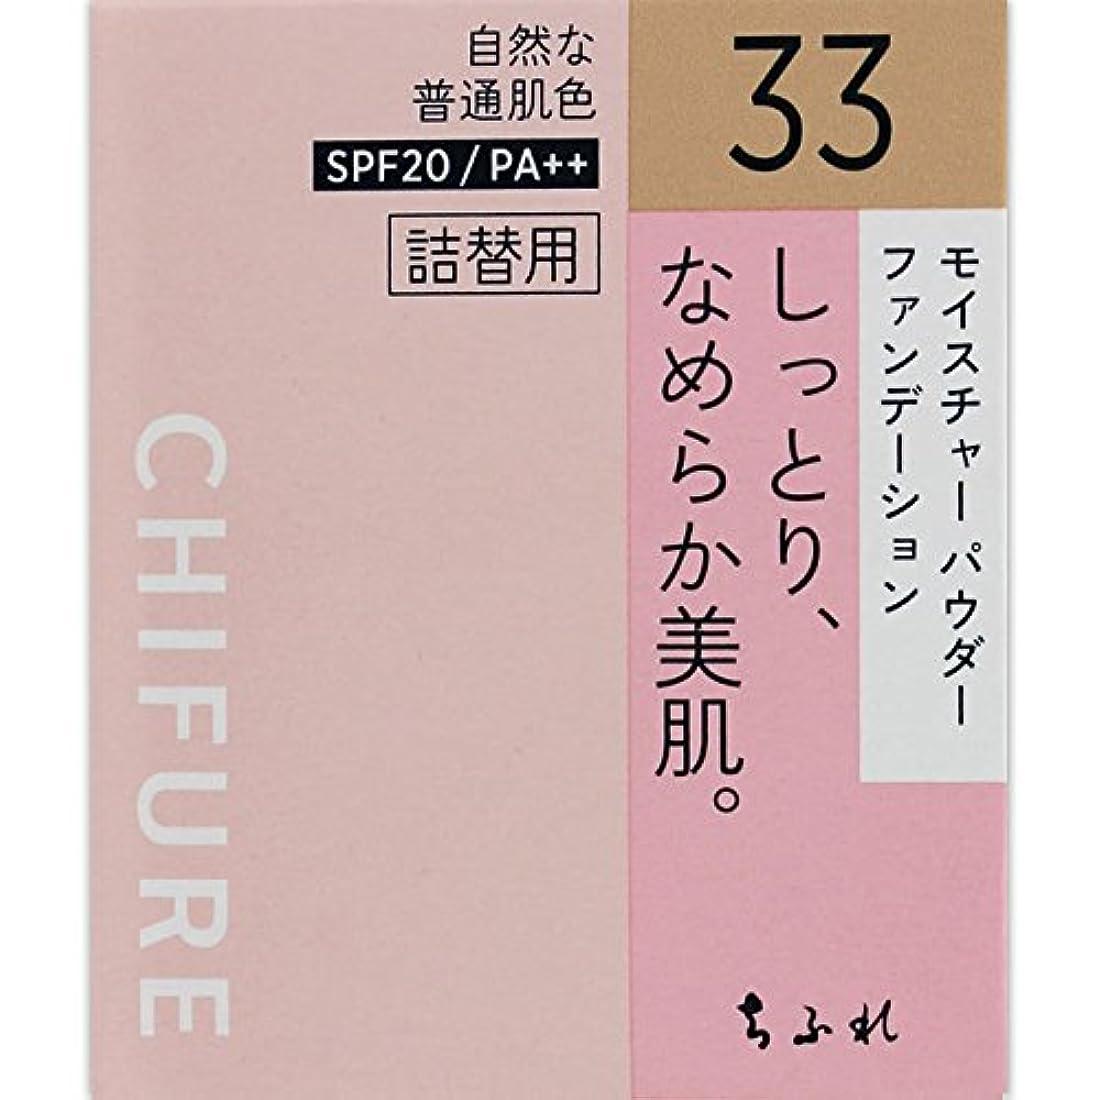 メロンロースト広告主ちふれ化粧品 モイスチャー パウダーファンデーション 詰替用 オークル系 MパウダーFD詰替用33